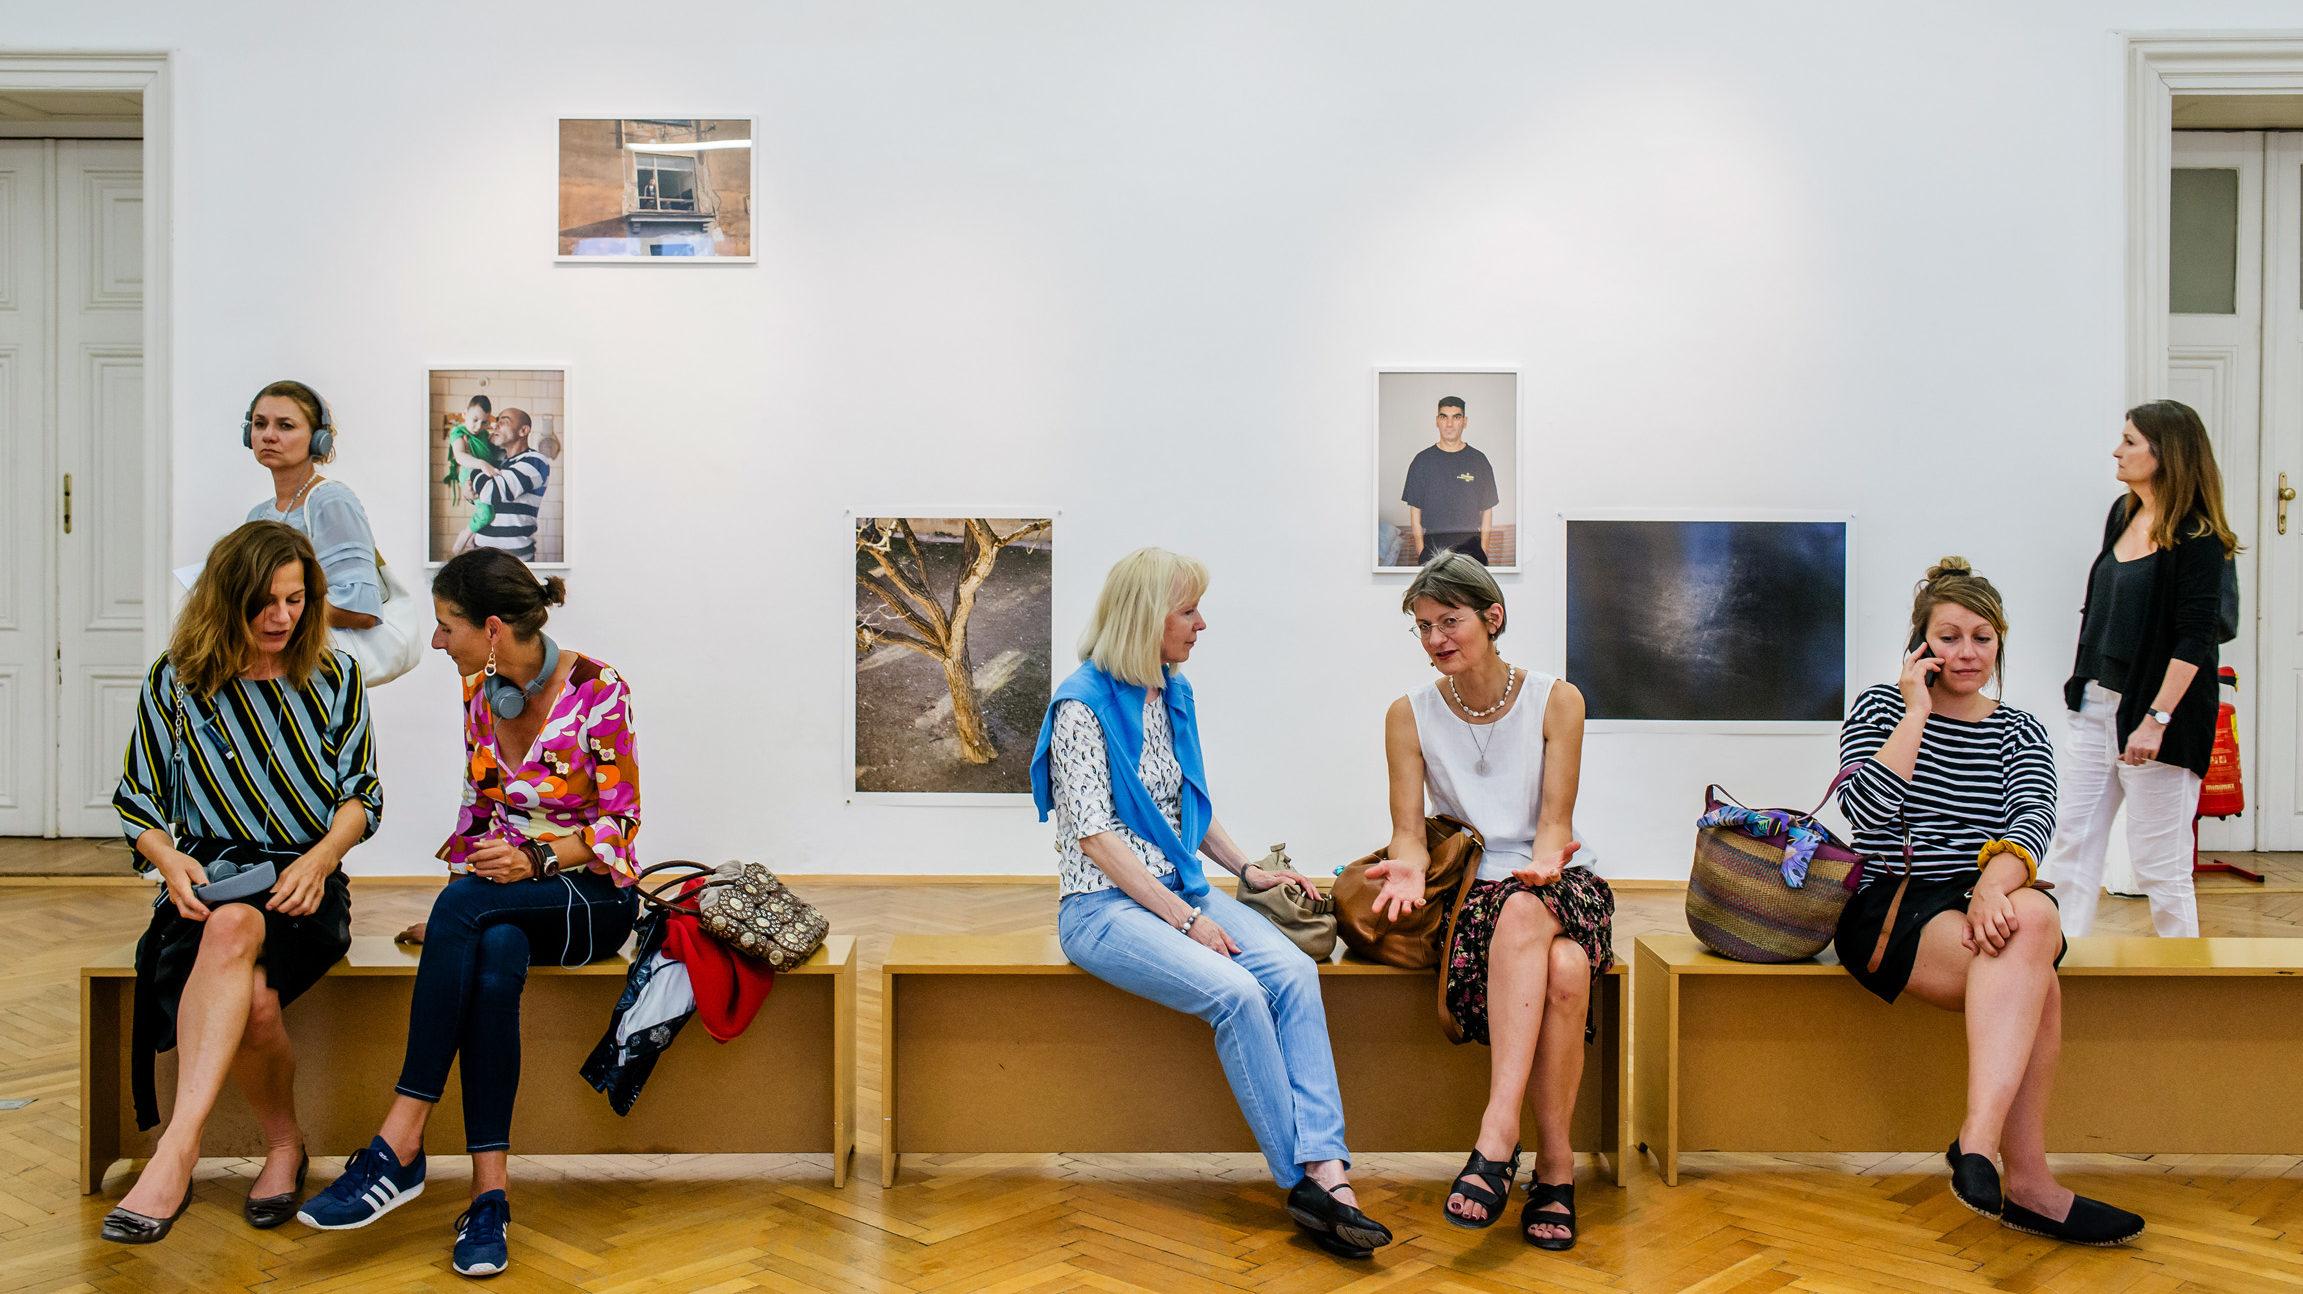 eine Gruppe Frauen sitzt auf einer Bank in einem Museum